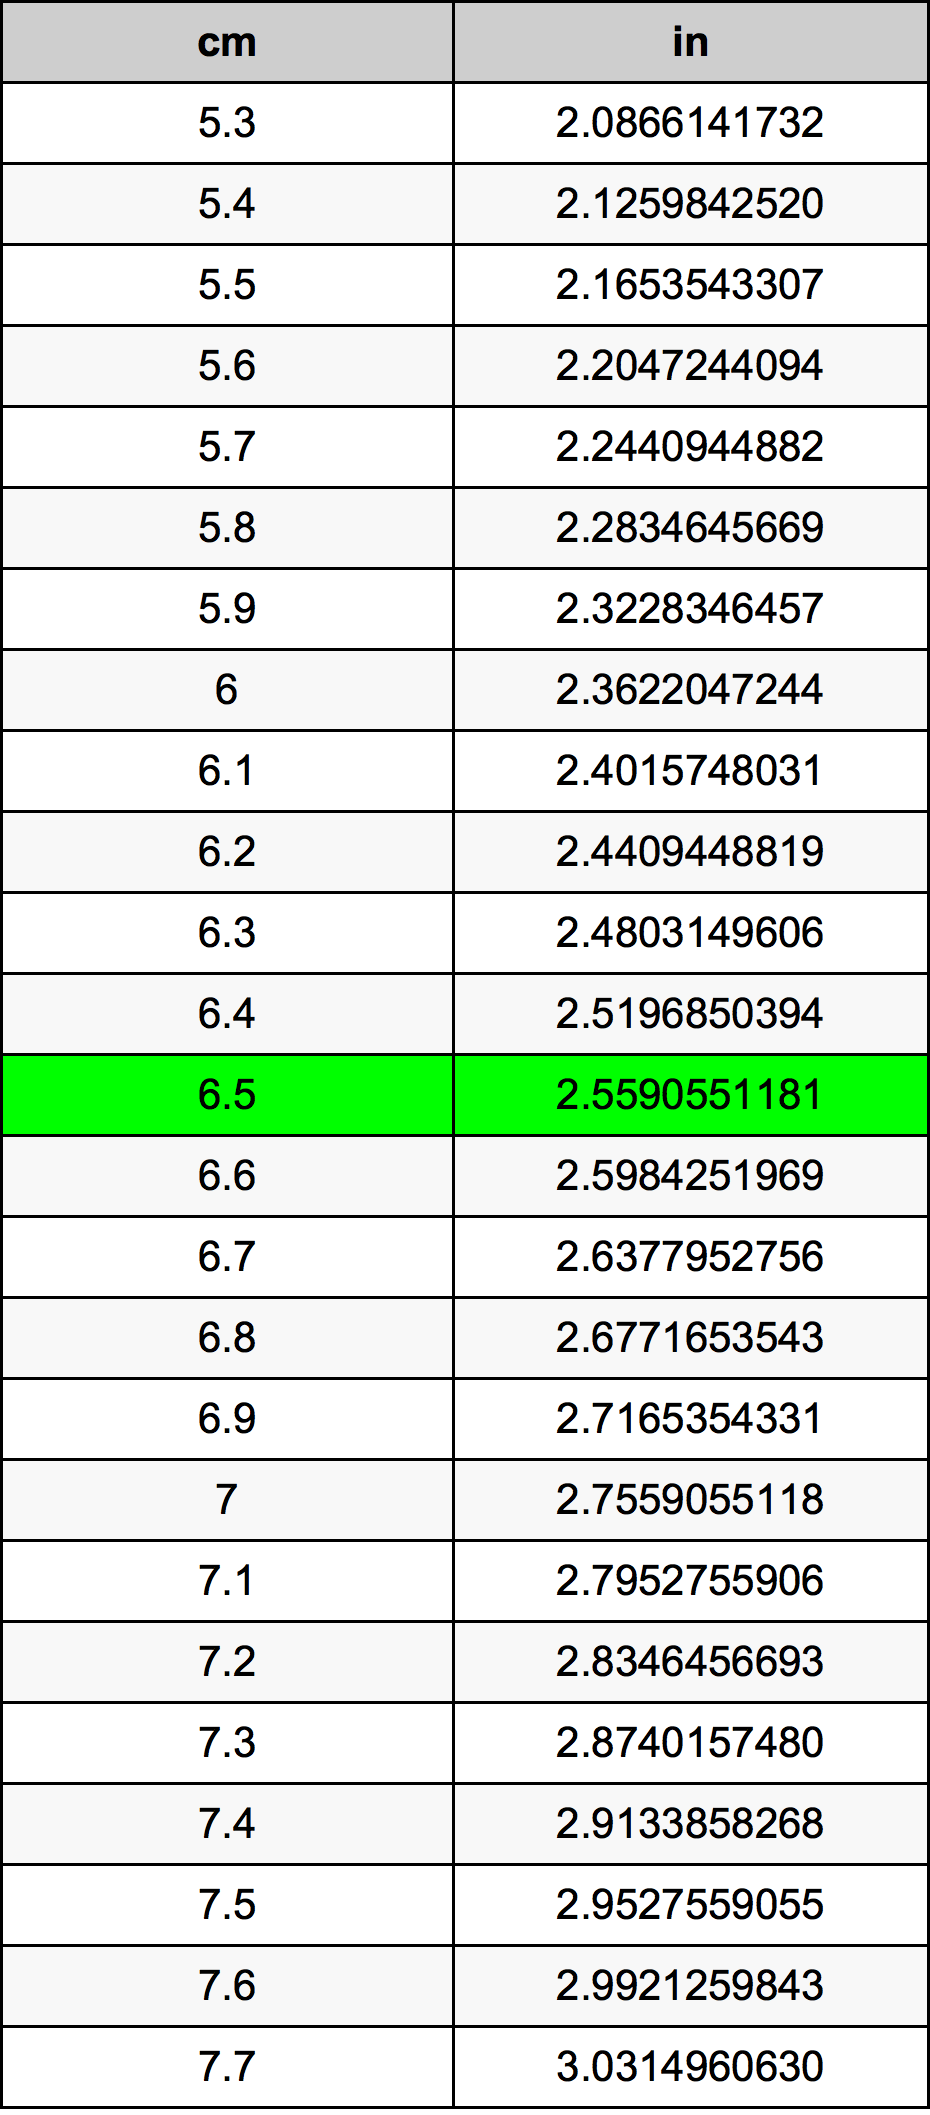 6.5 厘米换算表